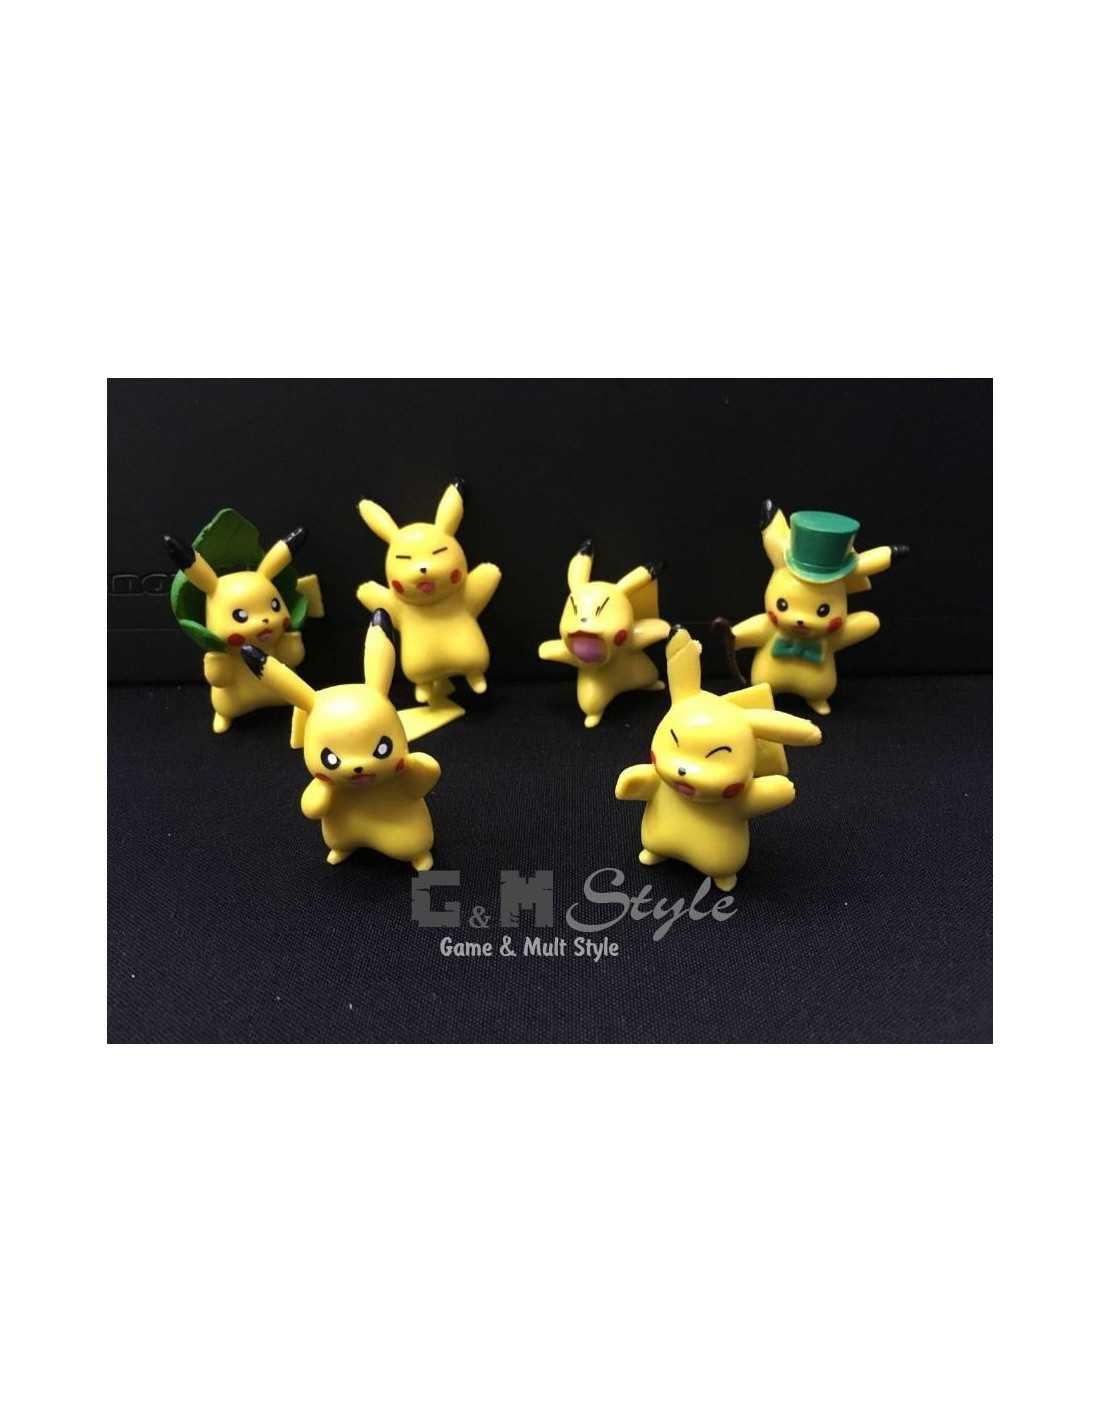 Фигурки Пикачу из Pokemon Go